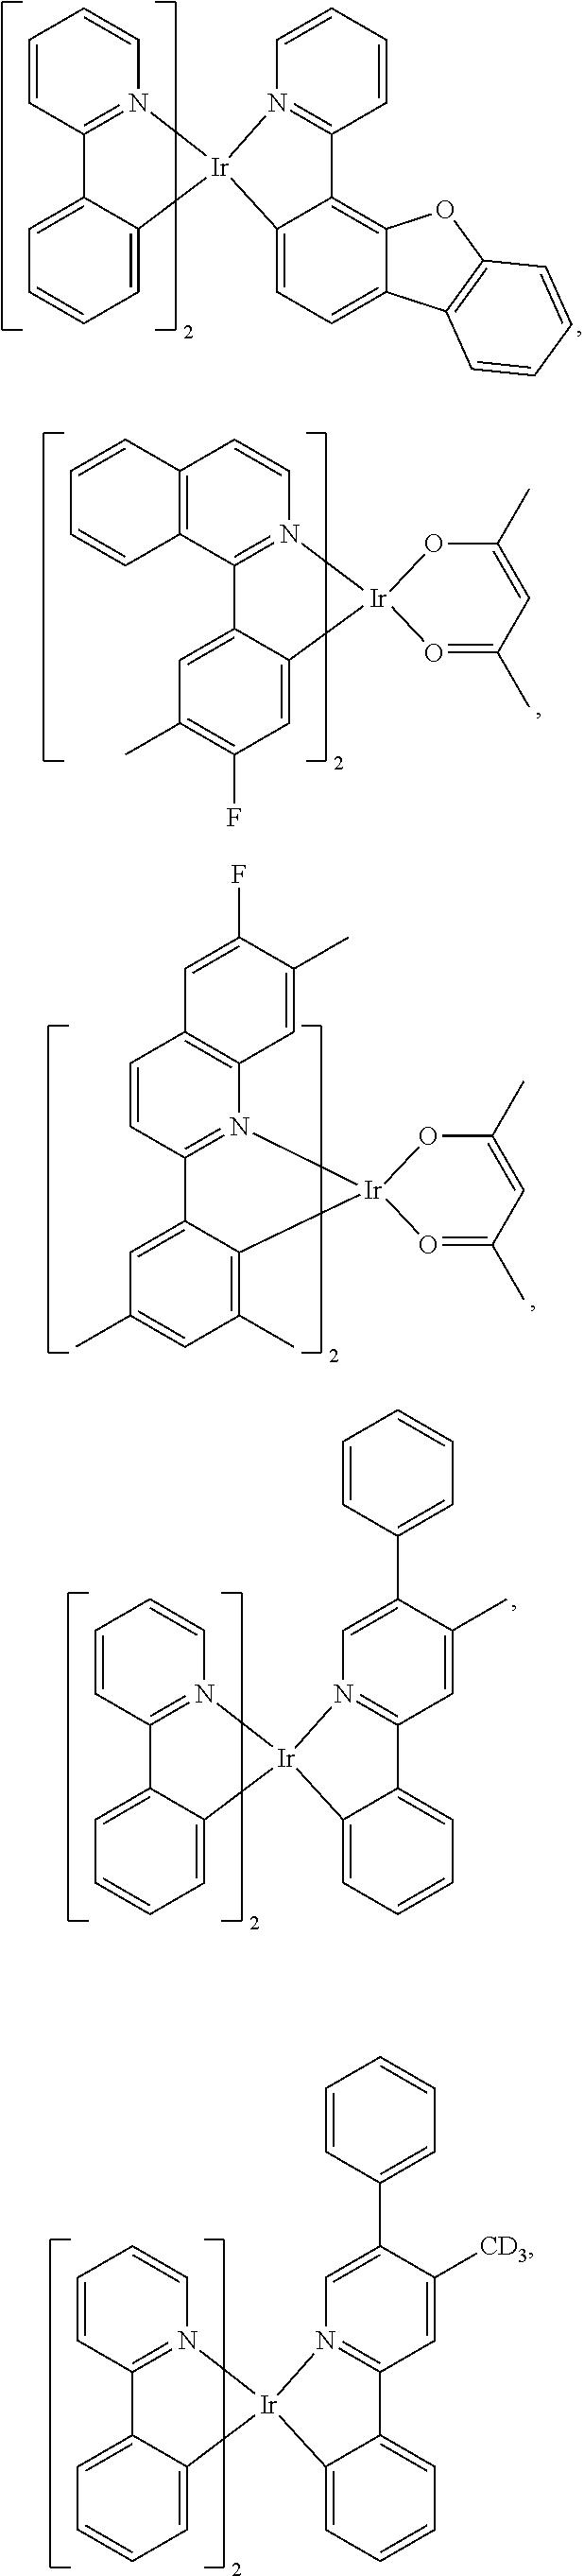 Figure US09929360-20180327-C00168